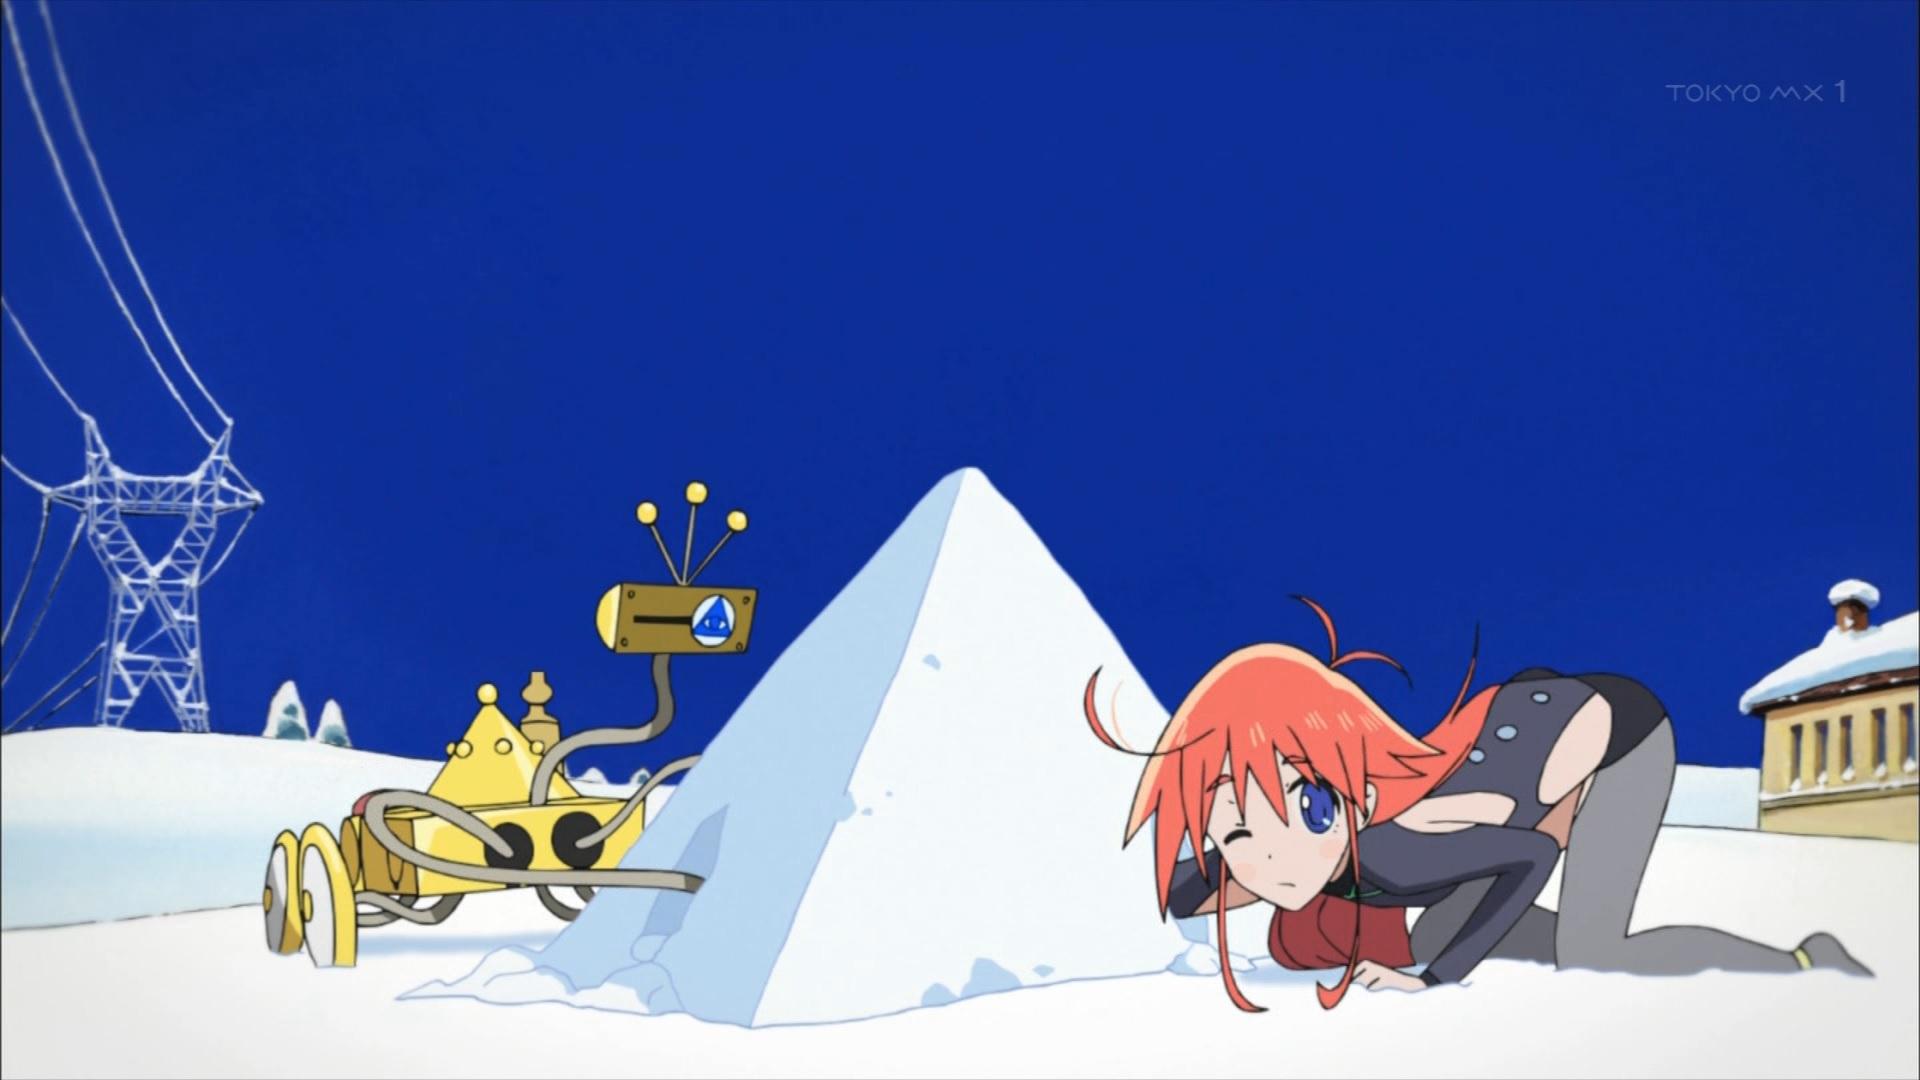 雪遊びをするパピカとTT-392(第1話)